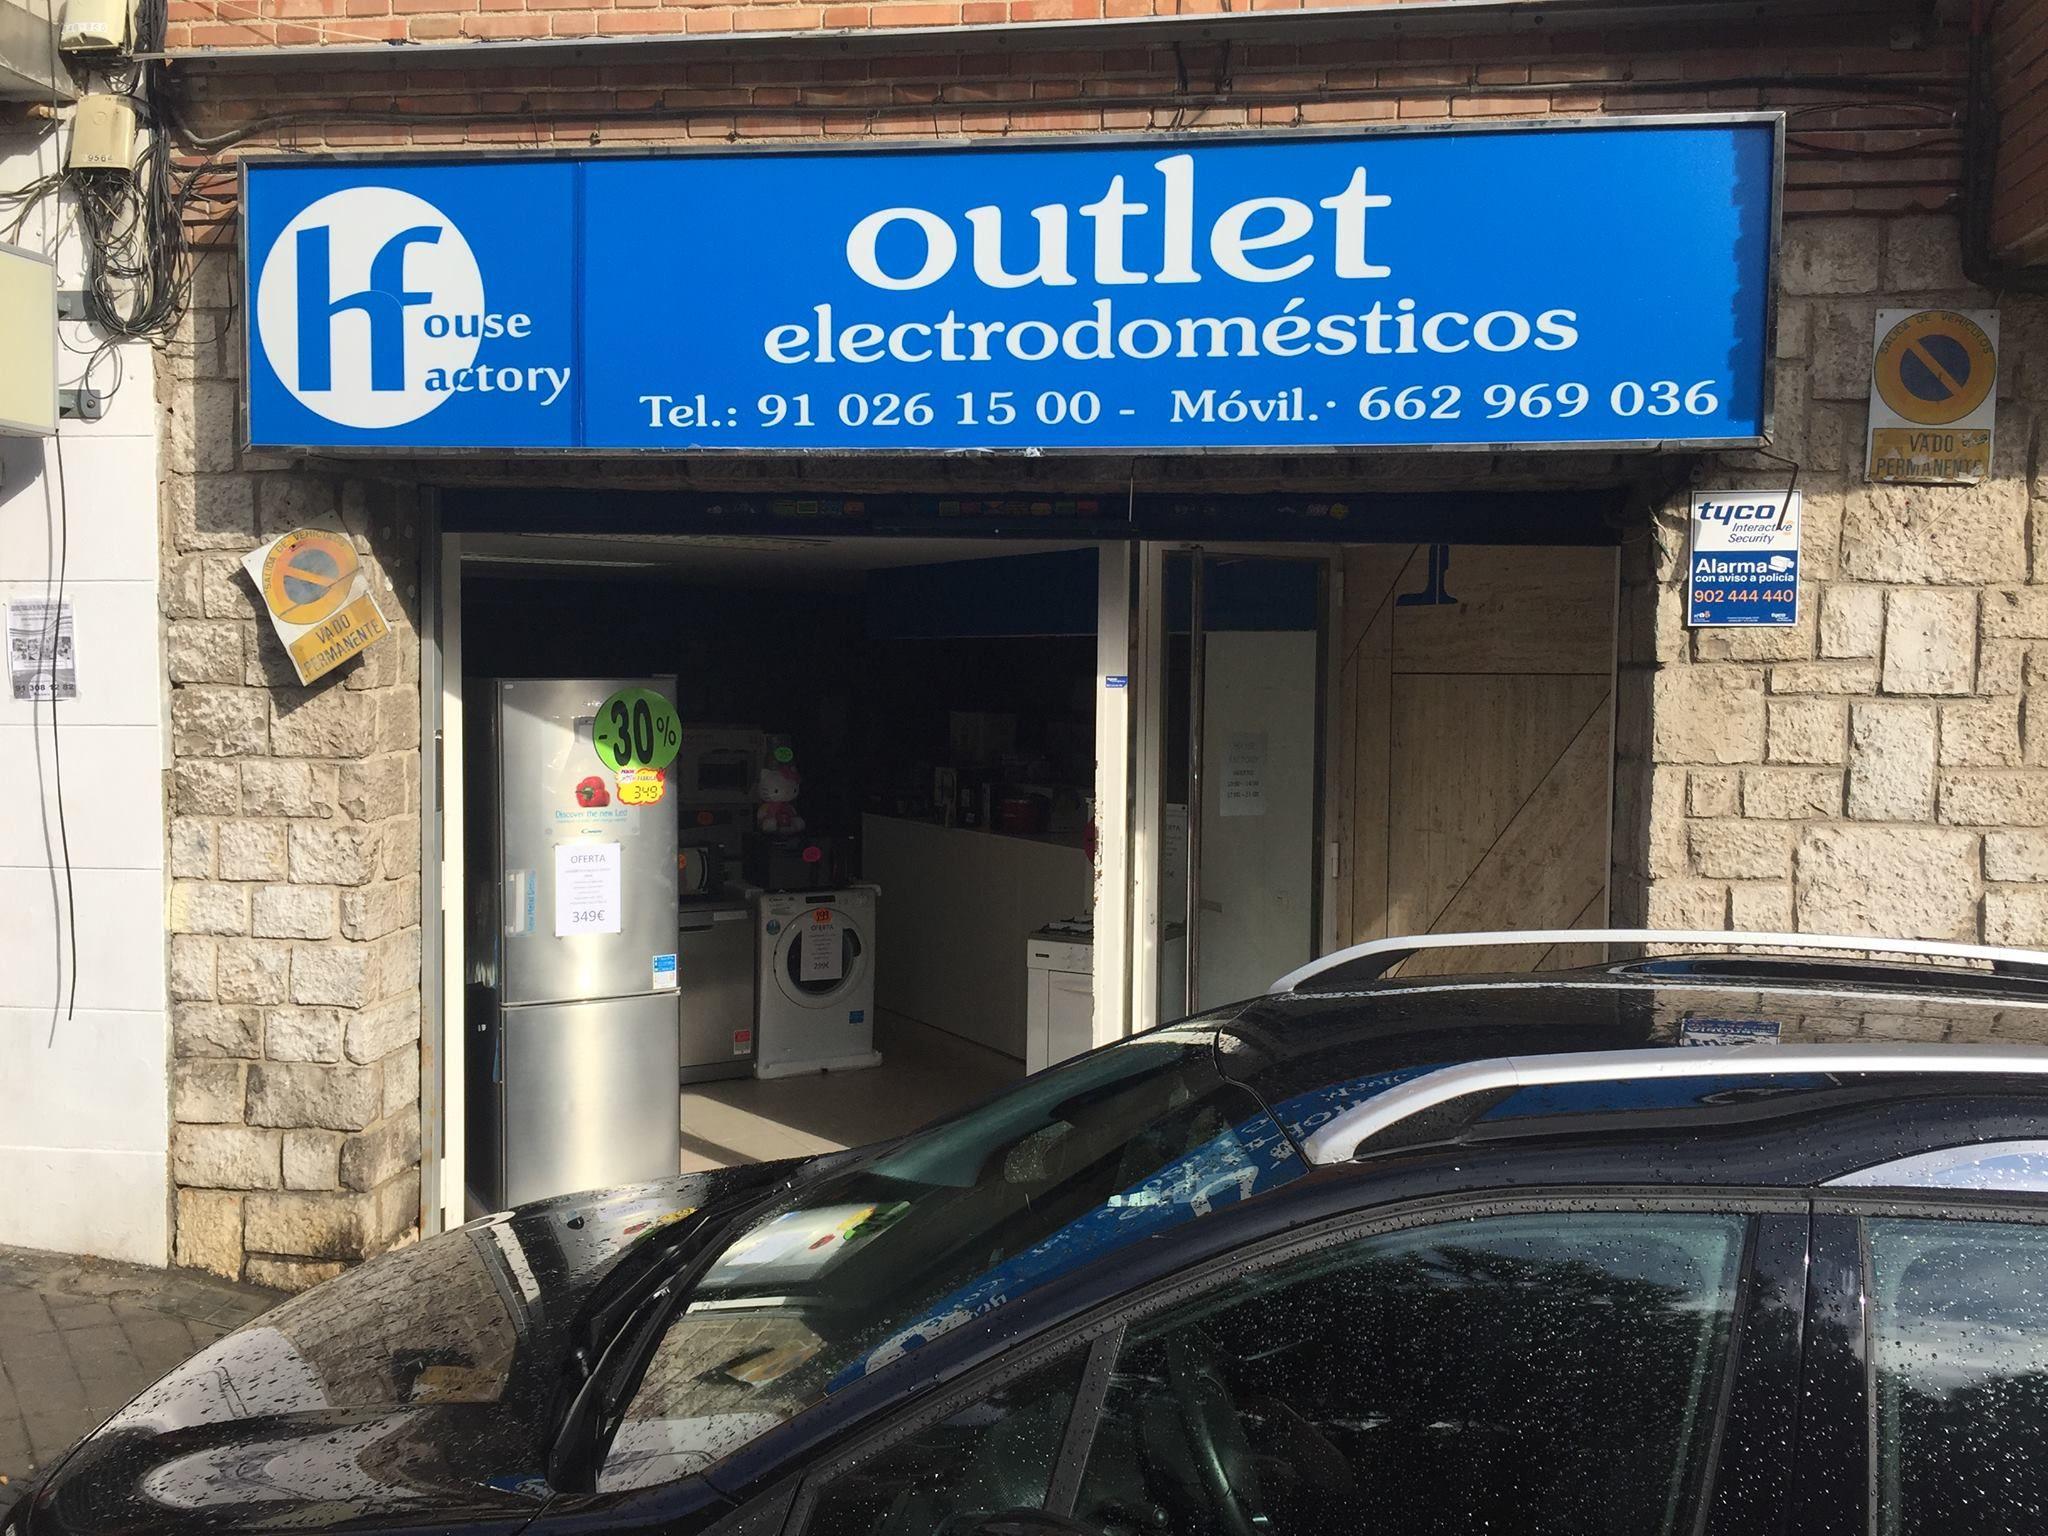 Outlet de electrodomésticos en Valdemoro